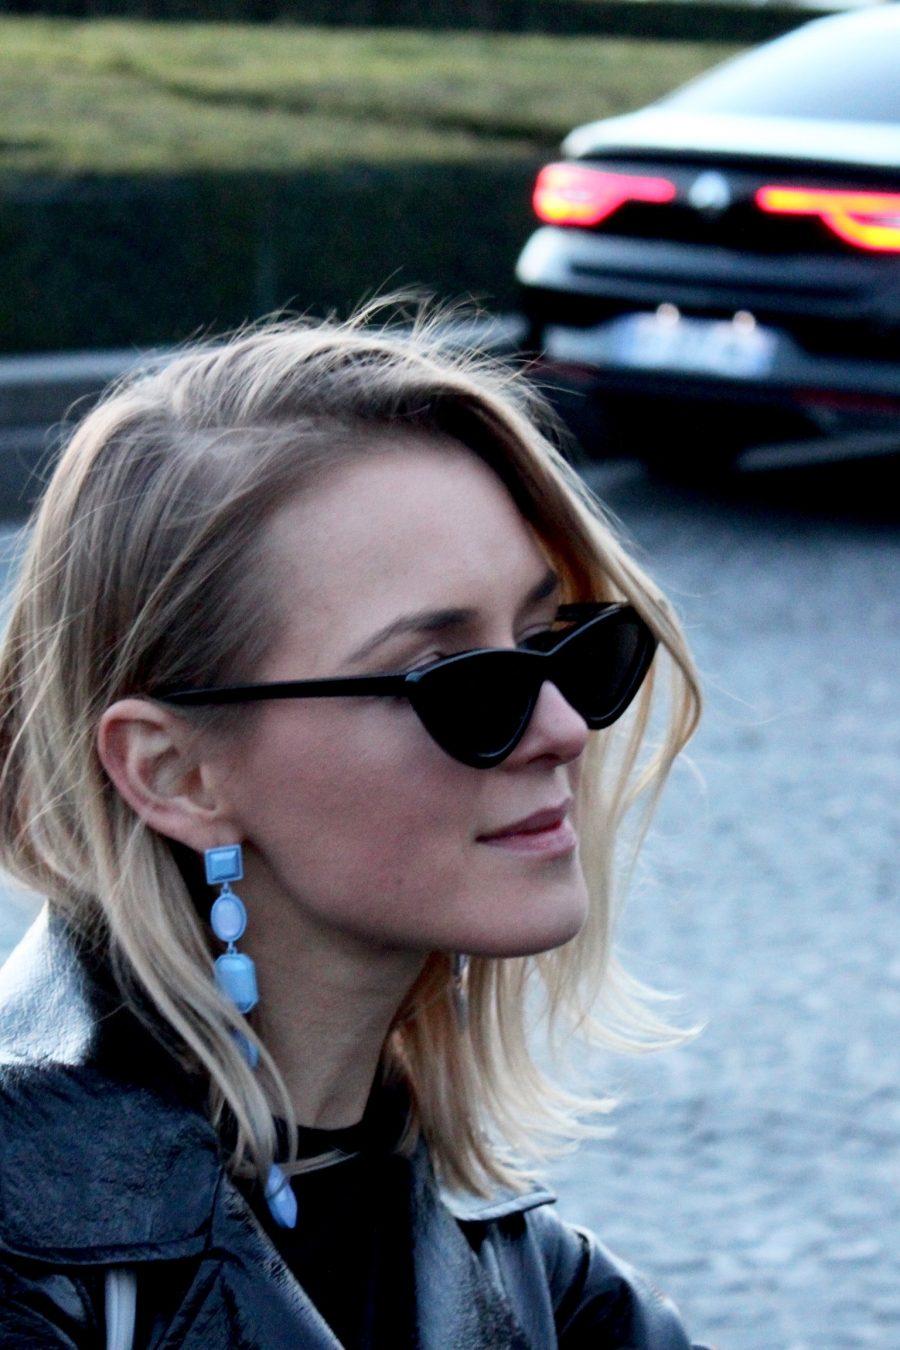 Le Specs Sonnenbrille Last Lolita